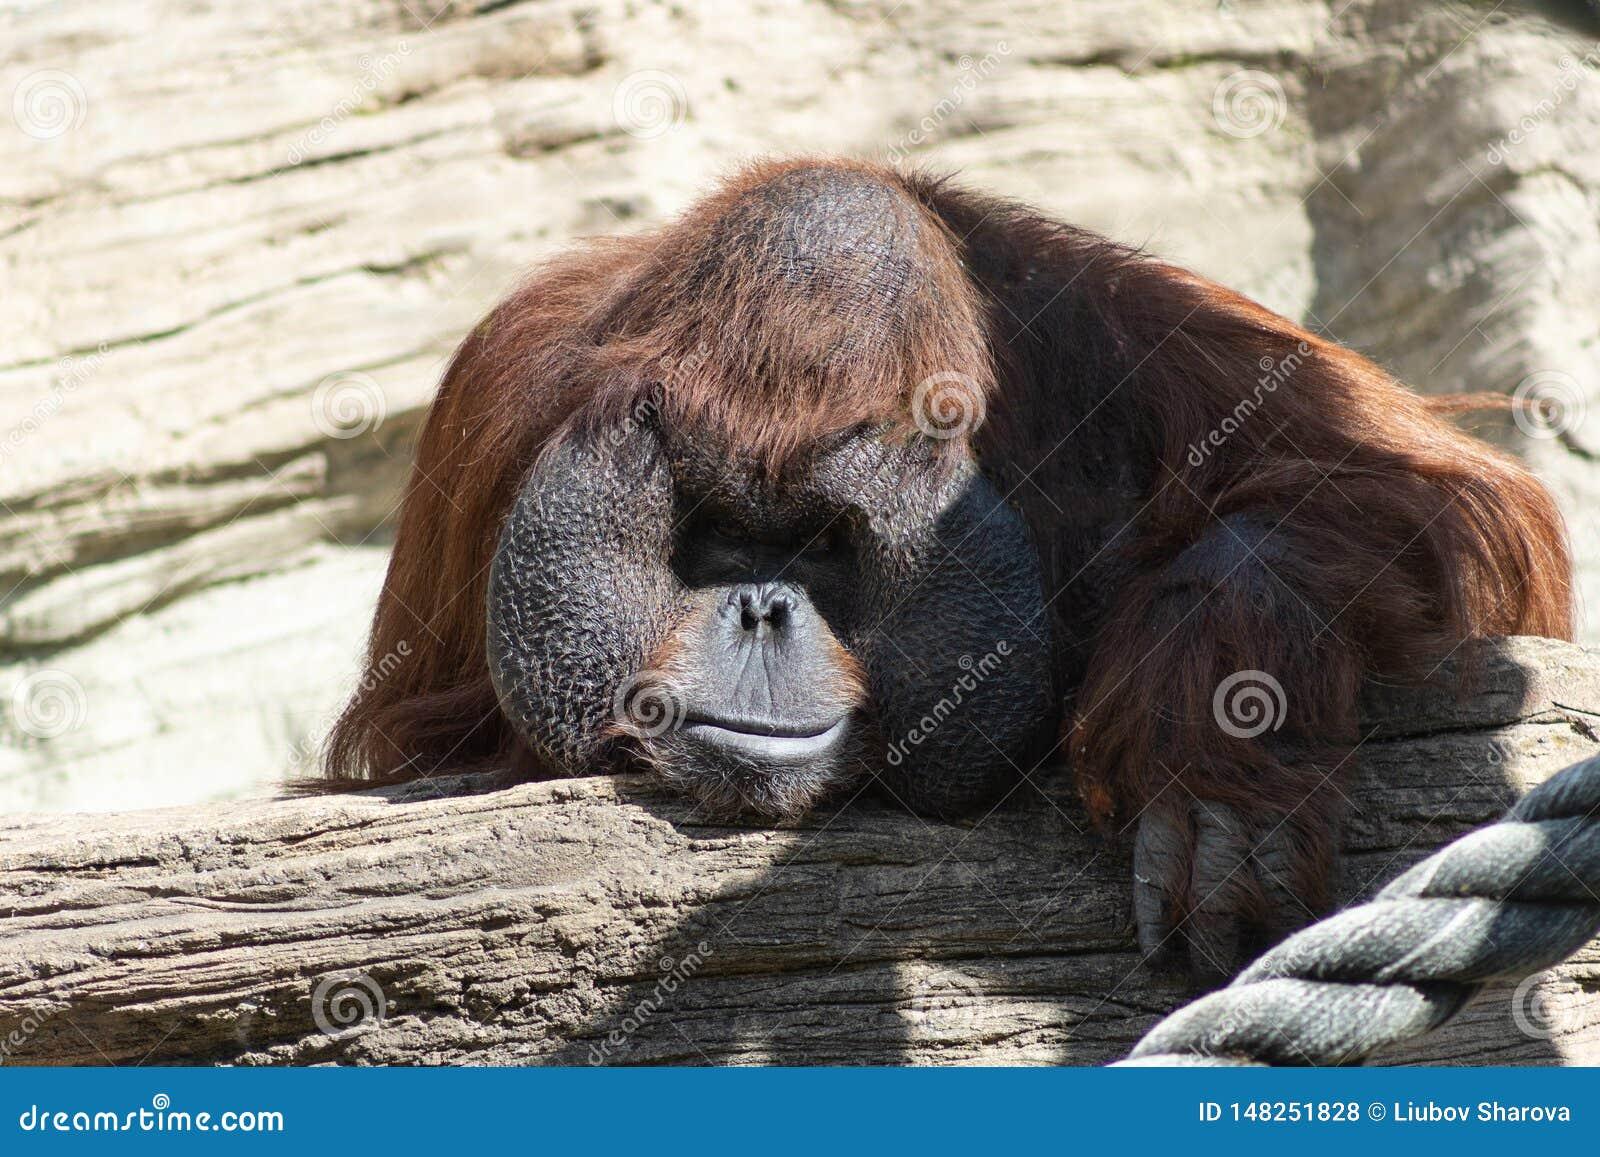 Ritratto di un orangutan arancio pensieroso con un fronte divertente che guarda pigro che cosa sta accadendo